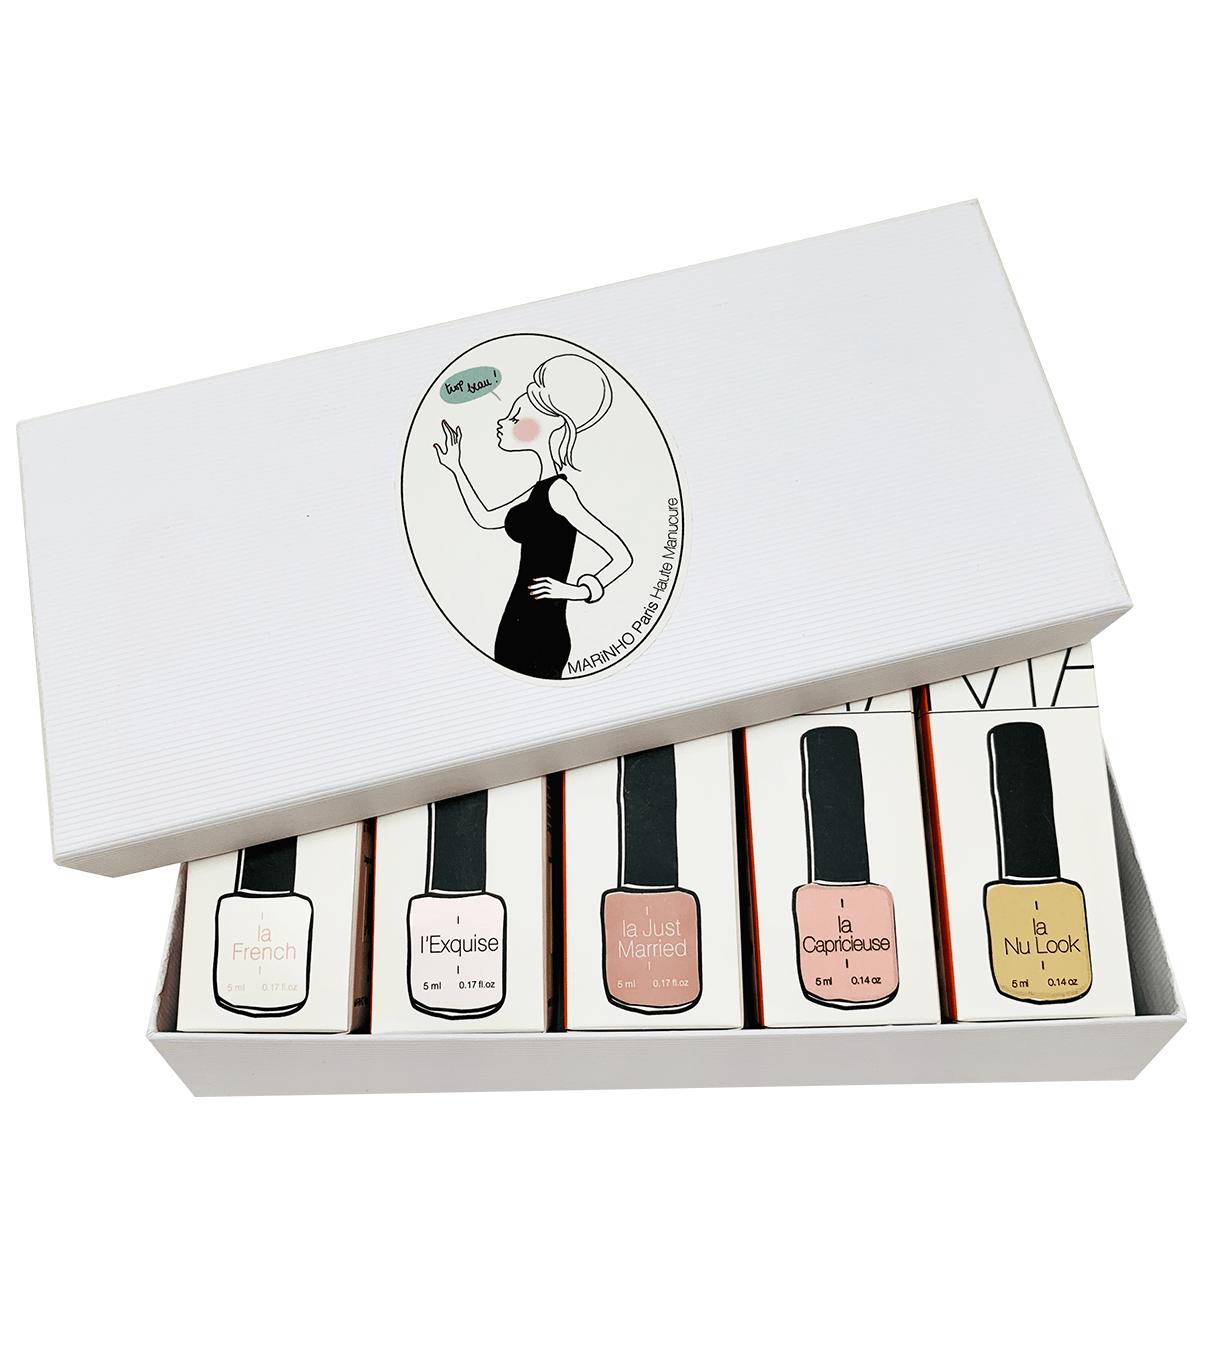 coffret cadeau marinho paris avec vernis semi-permanent blanc, vernis semi-permanent rose et vernis semi-permanent nude dans boite blanche